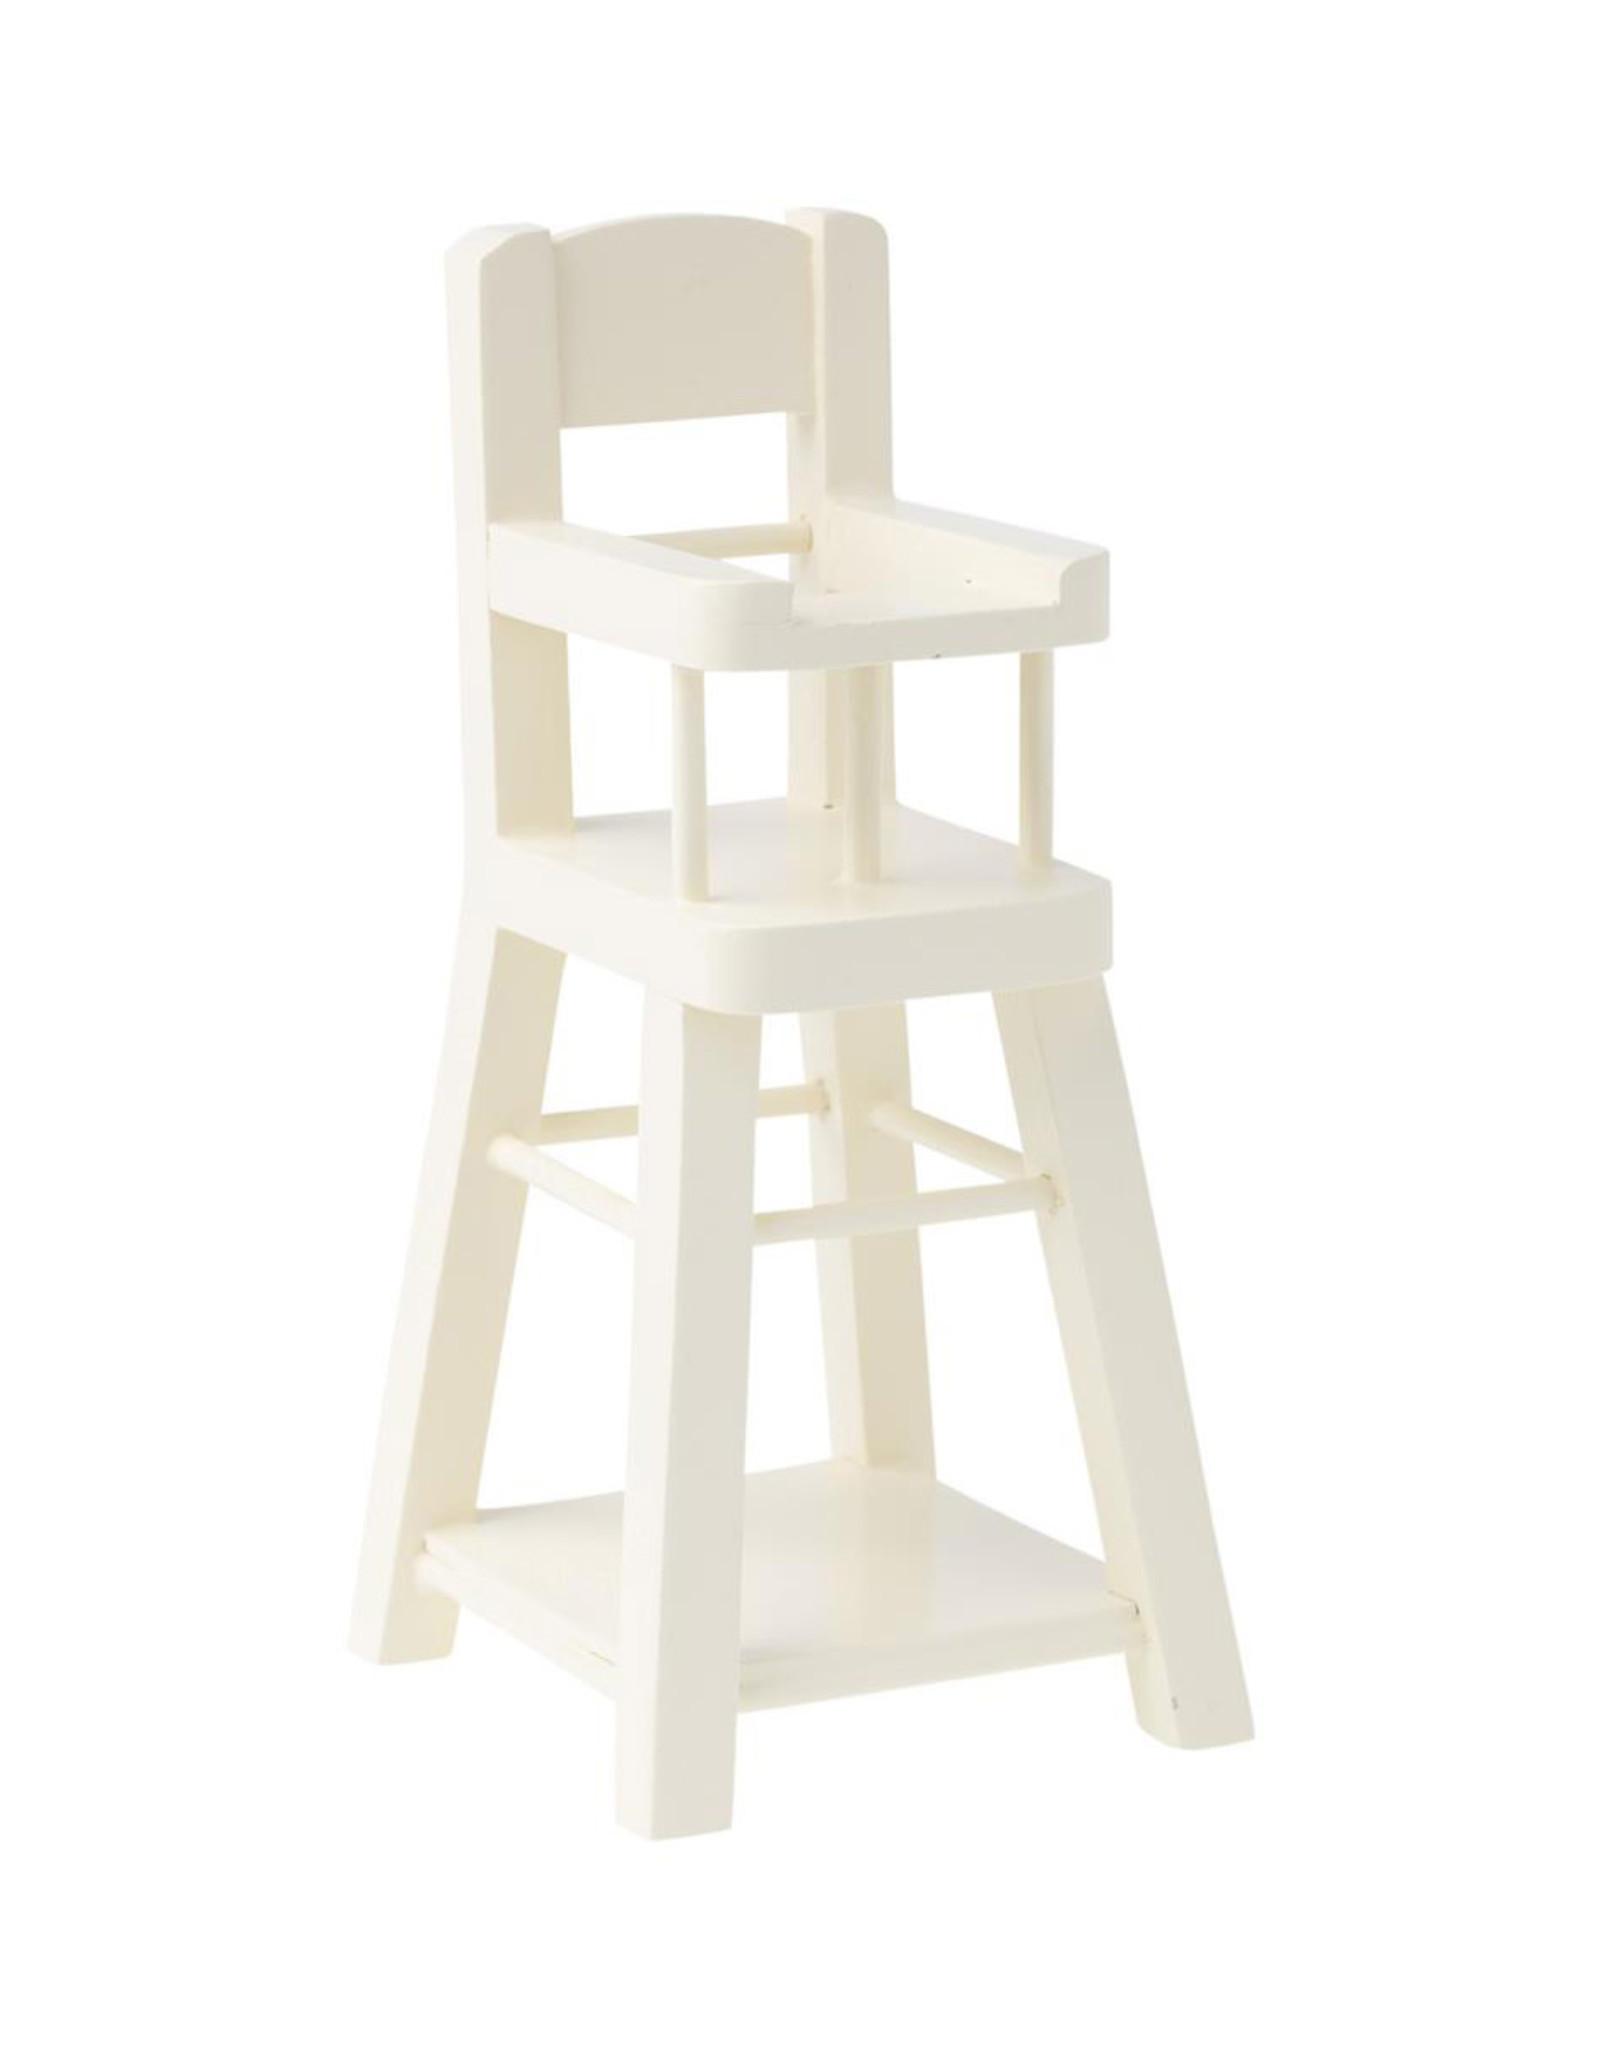 Maileg Micro High Chair - Off White